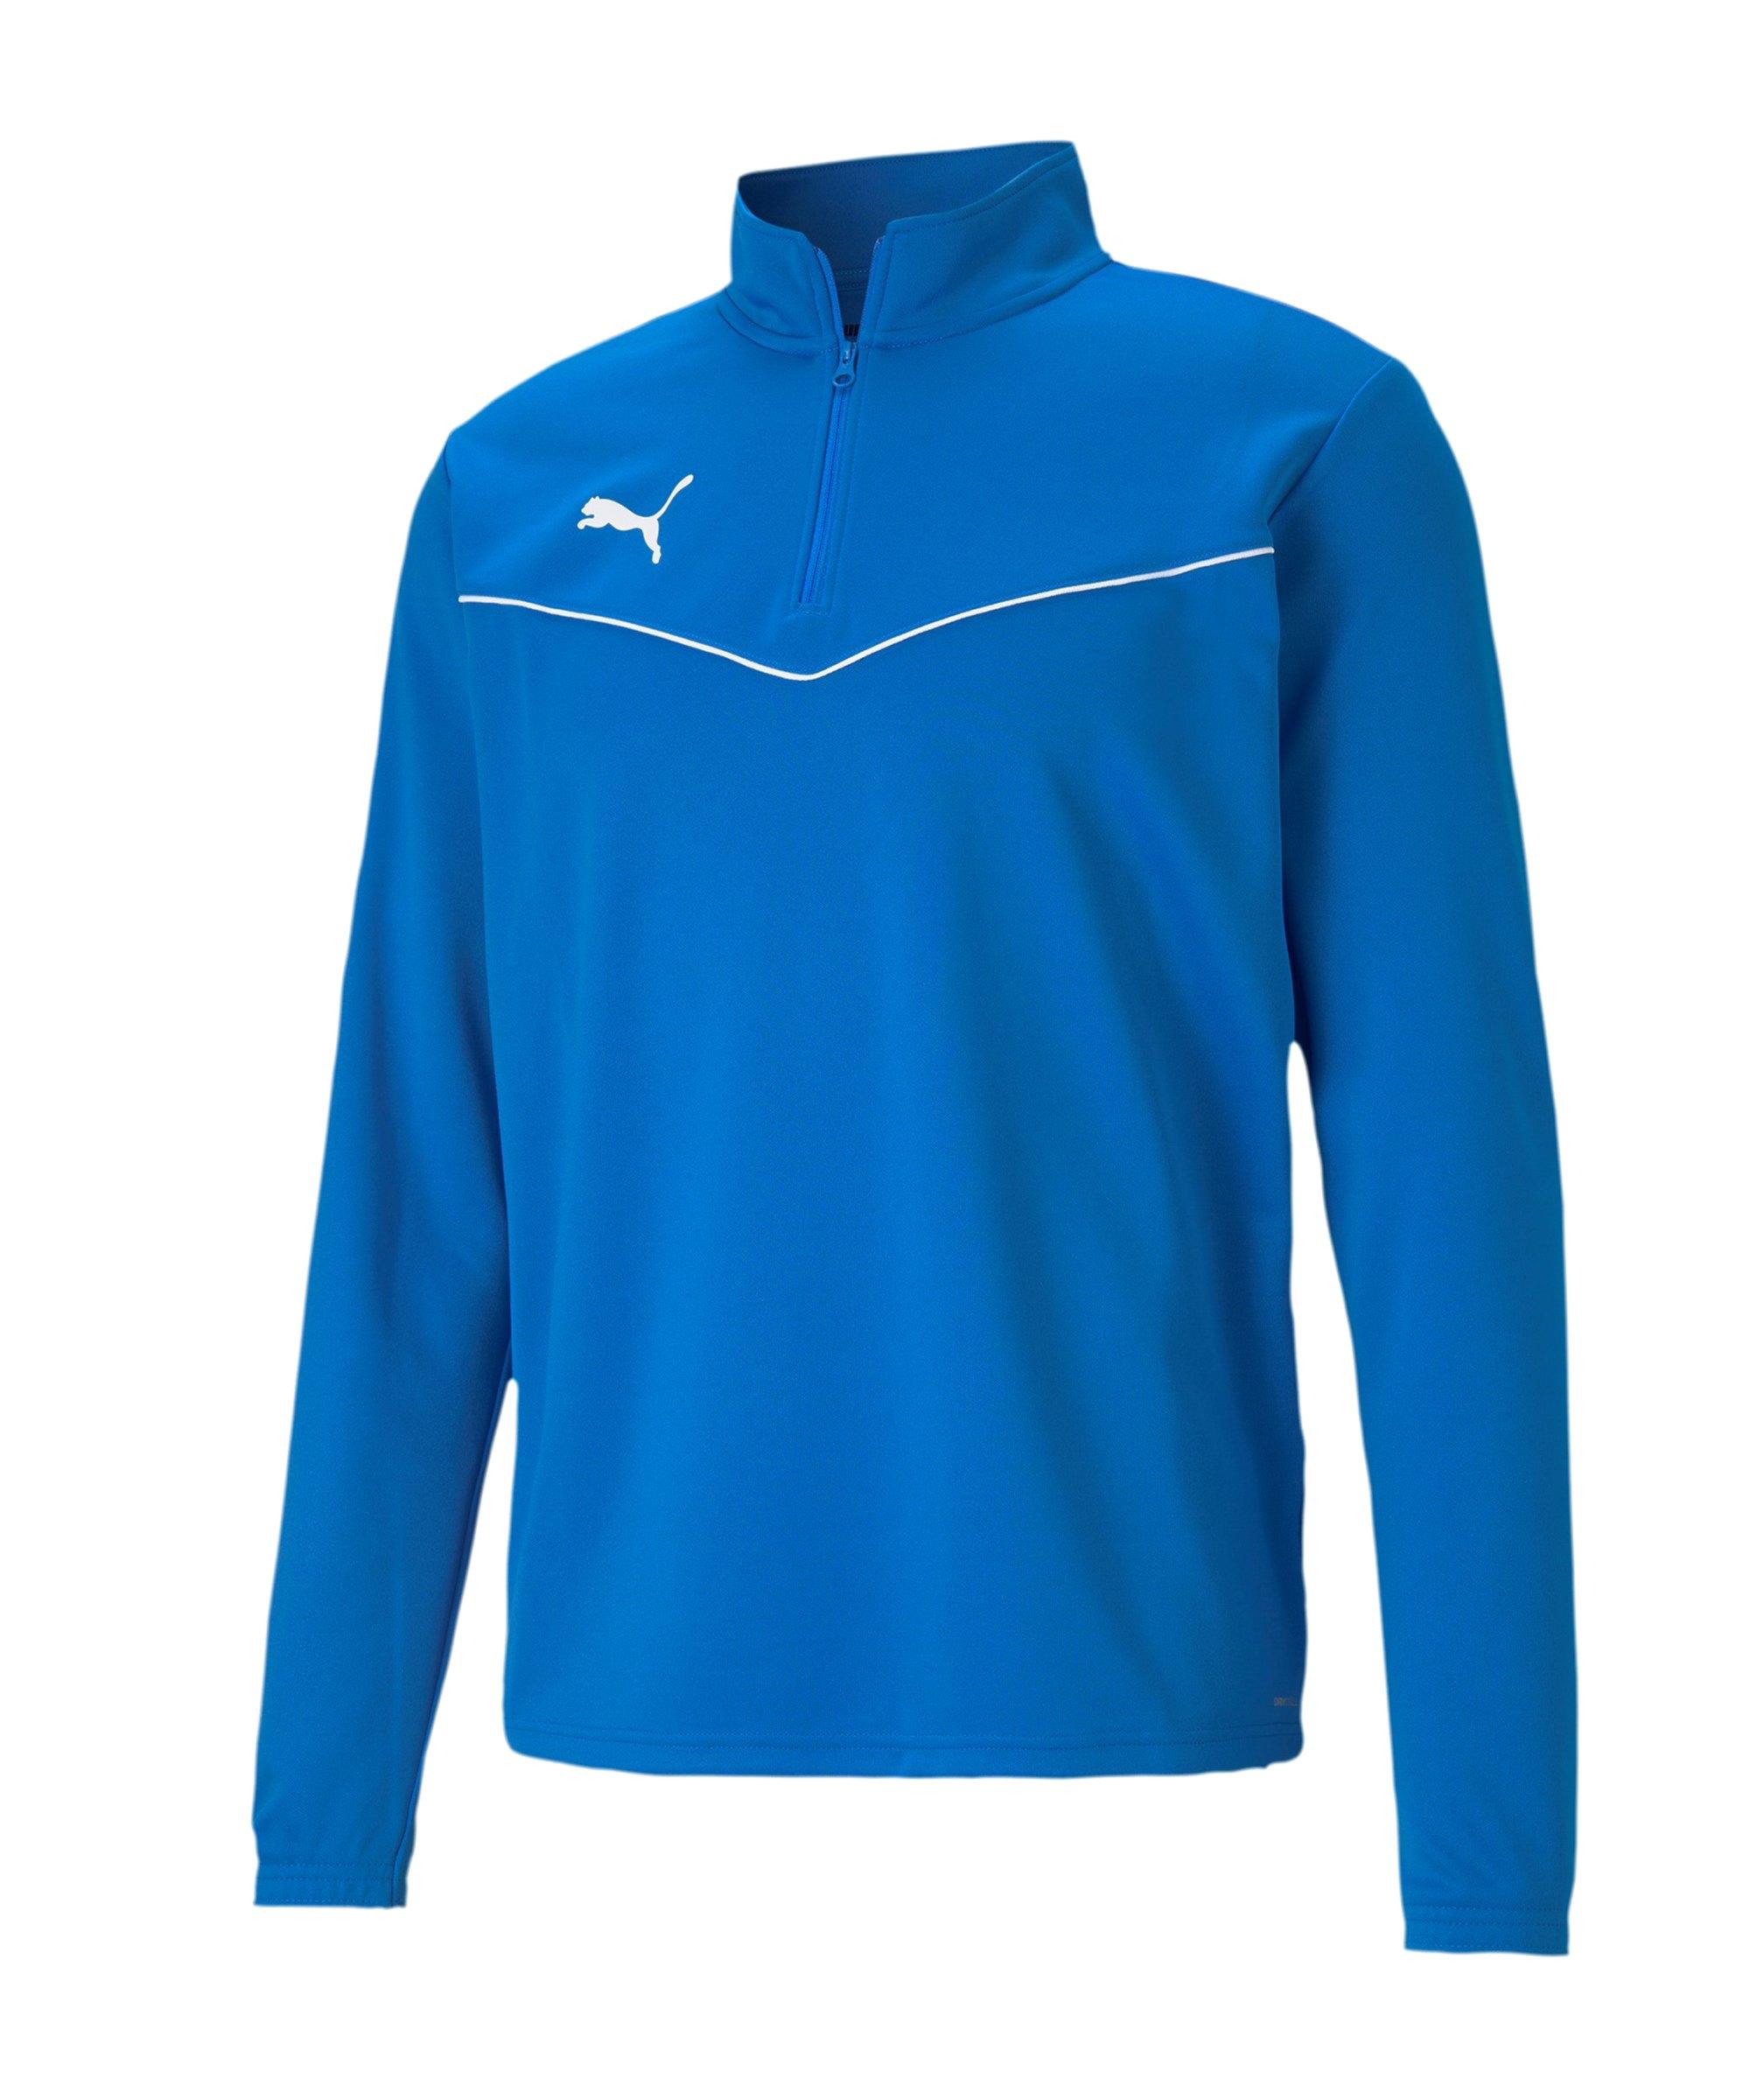 PUMA teamRISE HalfZip Sweatshirt Blau F02 - blau